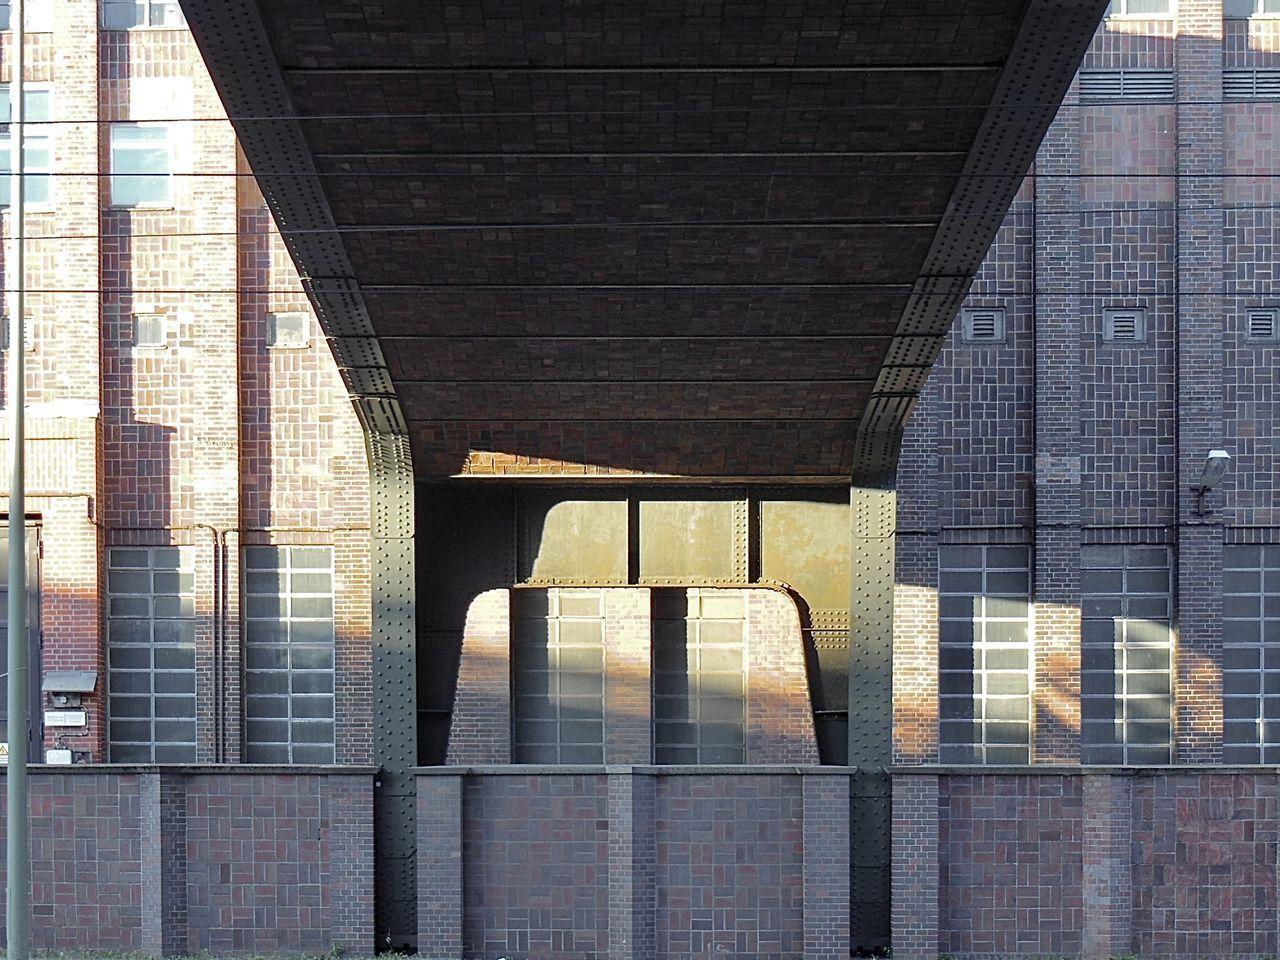 VIEW OF MODERN BUILDINGS